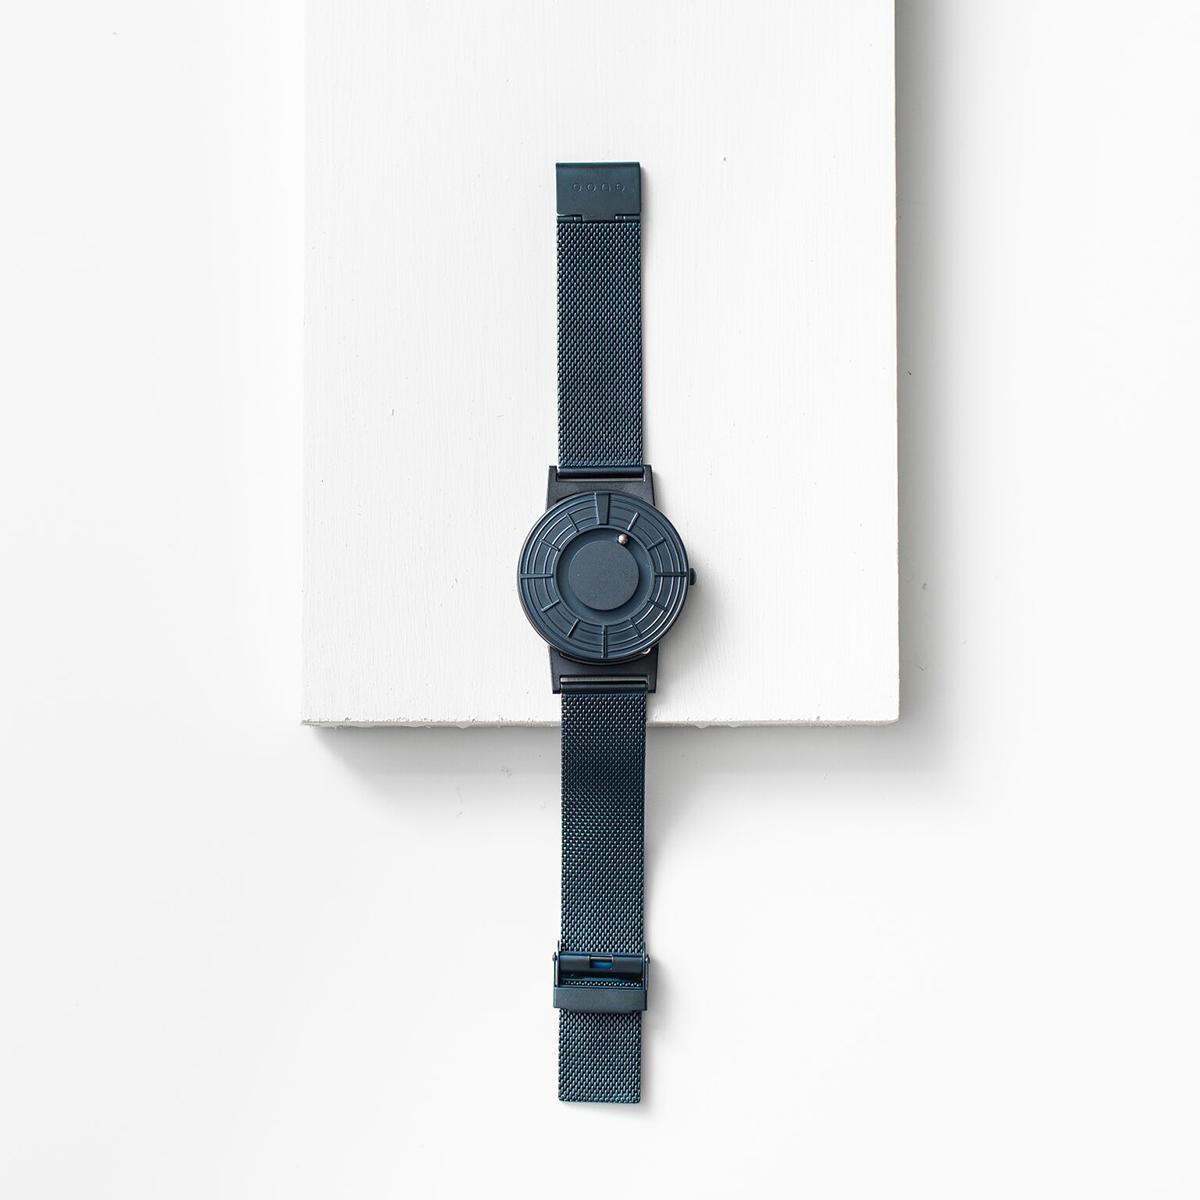 他の色との協調性も高く、その人が持つ雰囲気を知的に引き立てる、濃紺のタイムピース「触る時計」| EONE(COSMOS)